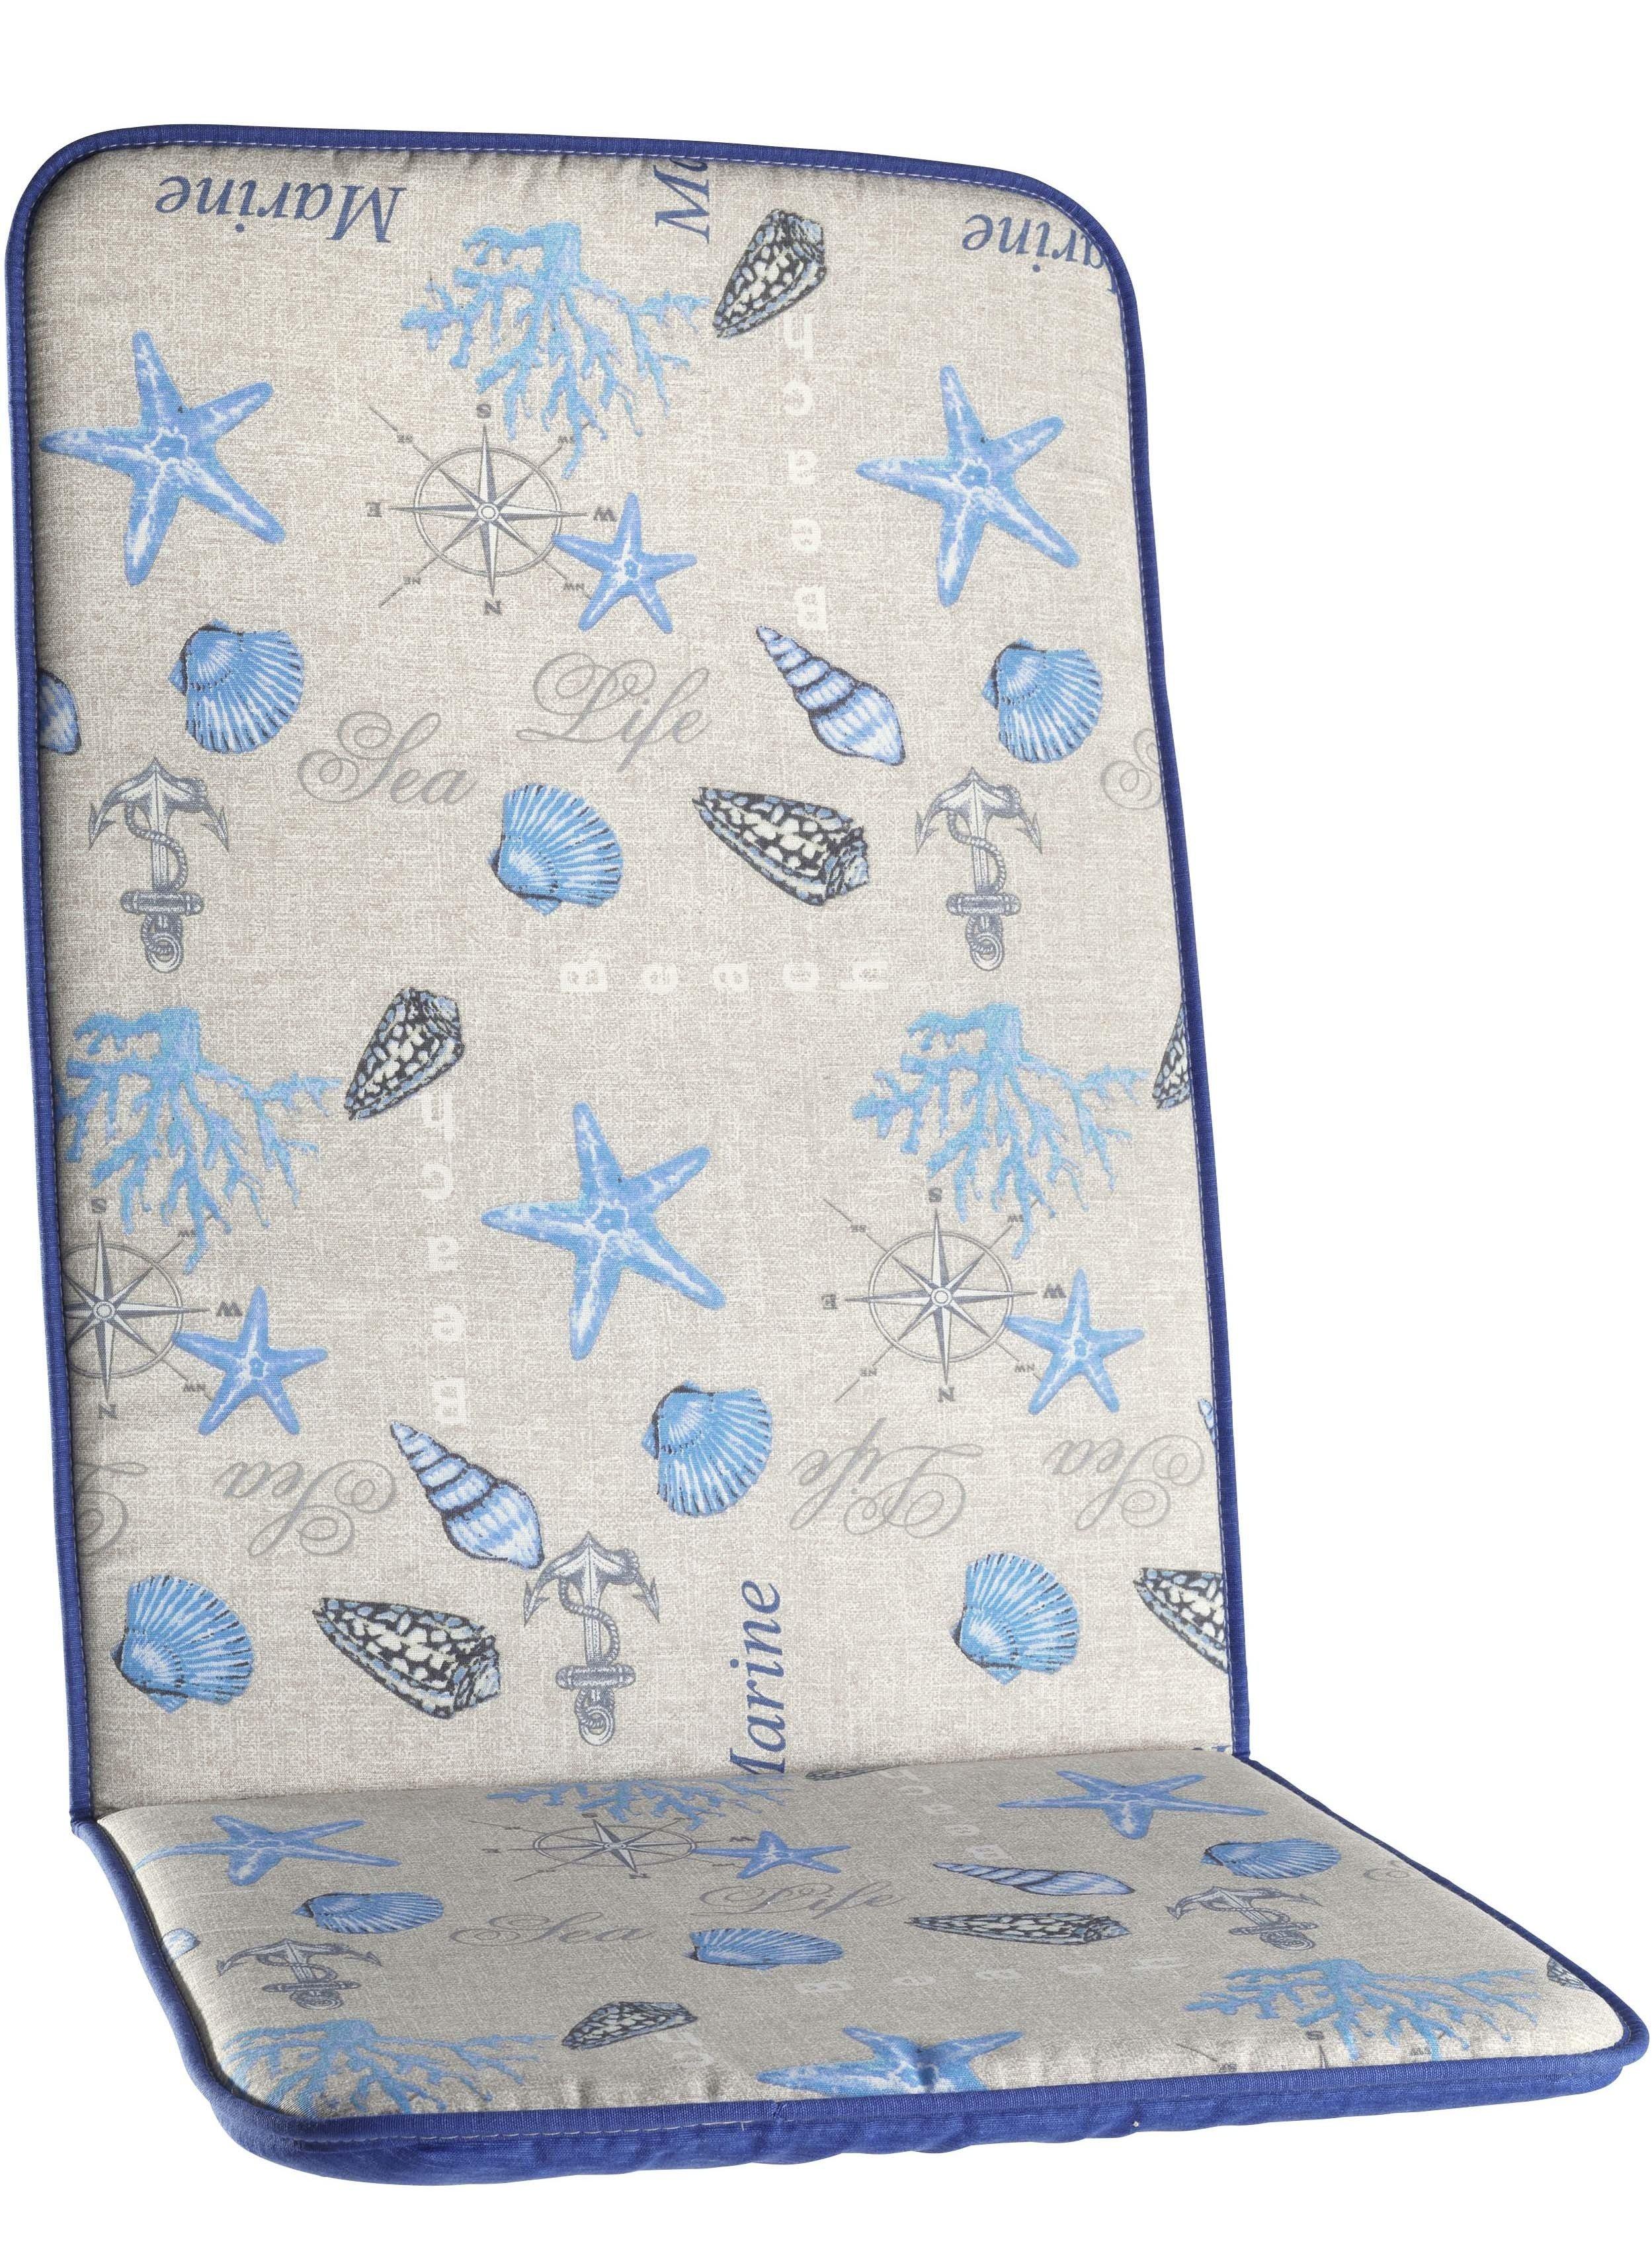 Cuscino-alto stella mare blu